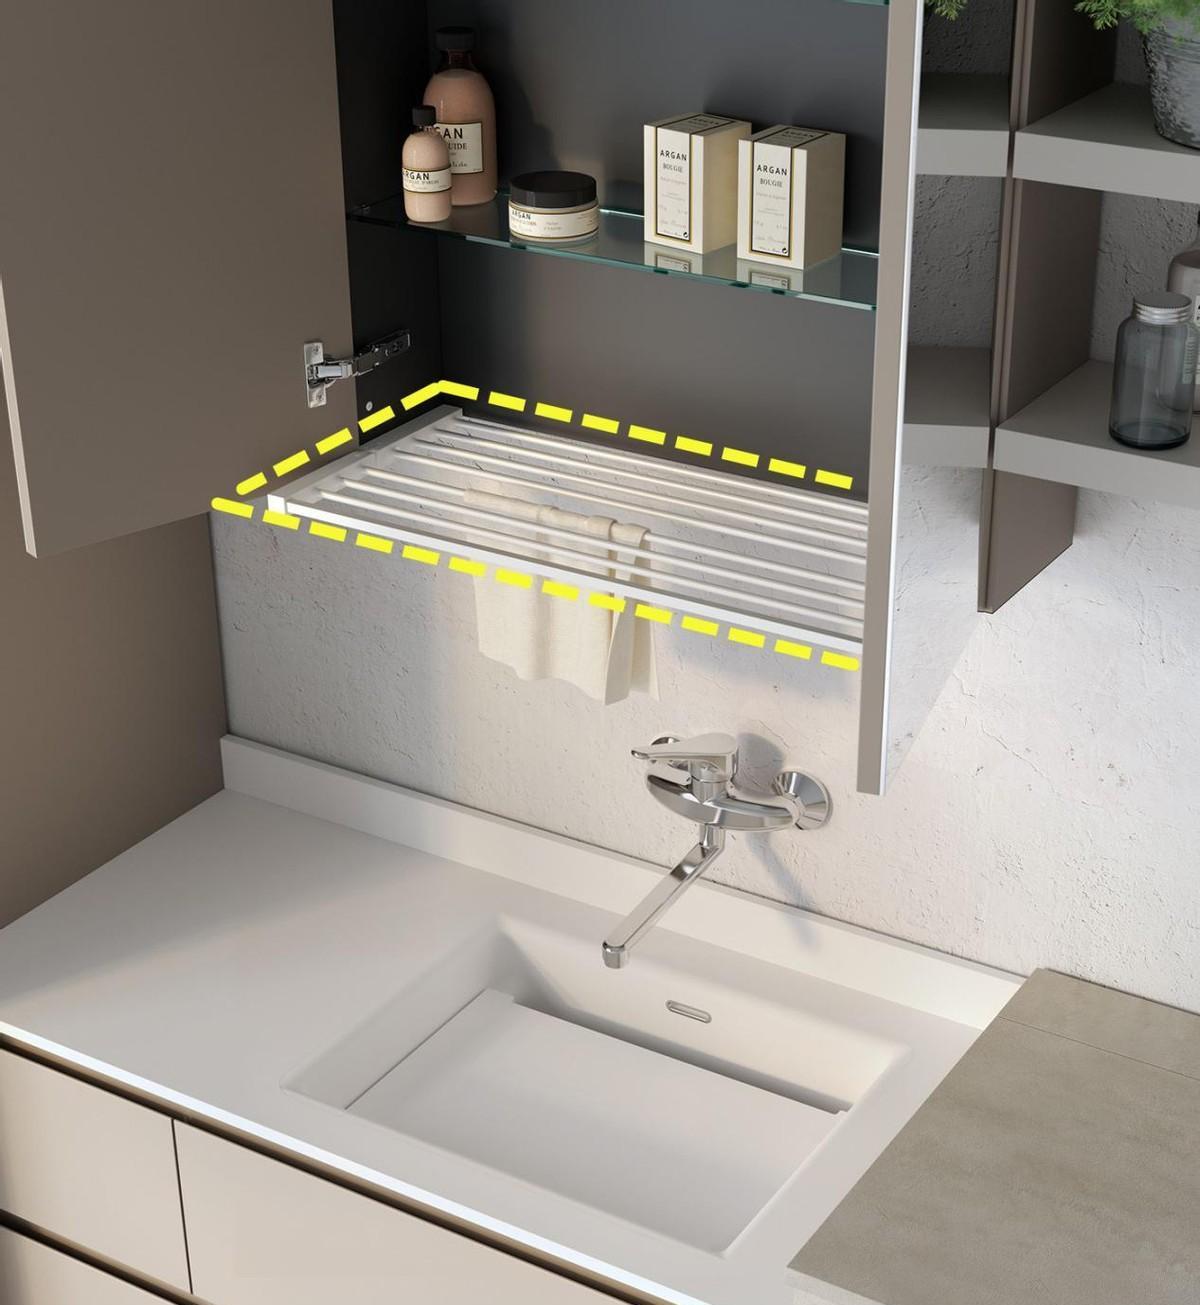 镜柜底部省去一块板,用沥水架做镂空,柜门一关,台面上清清爽爽